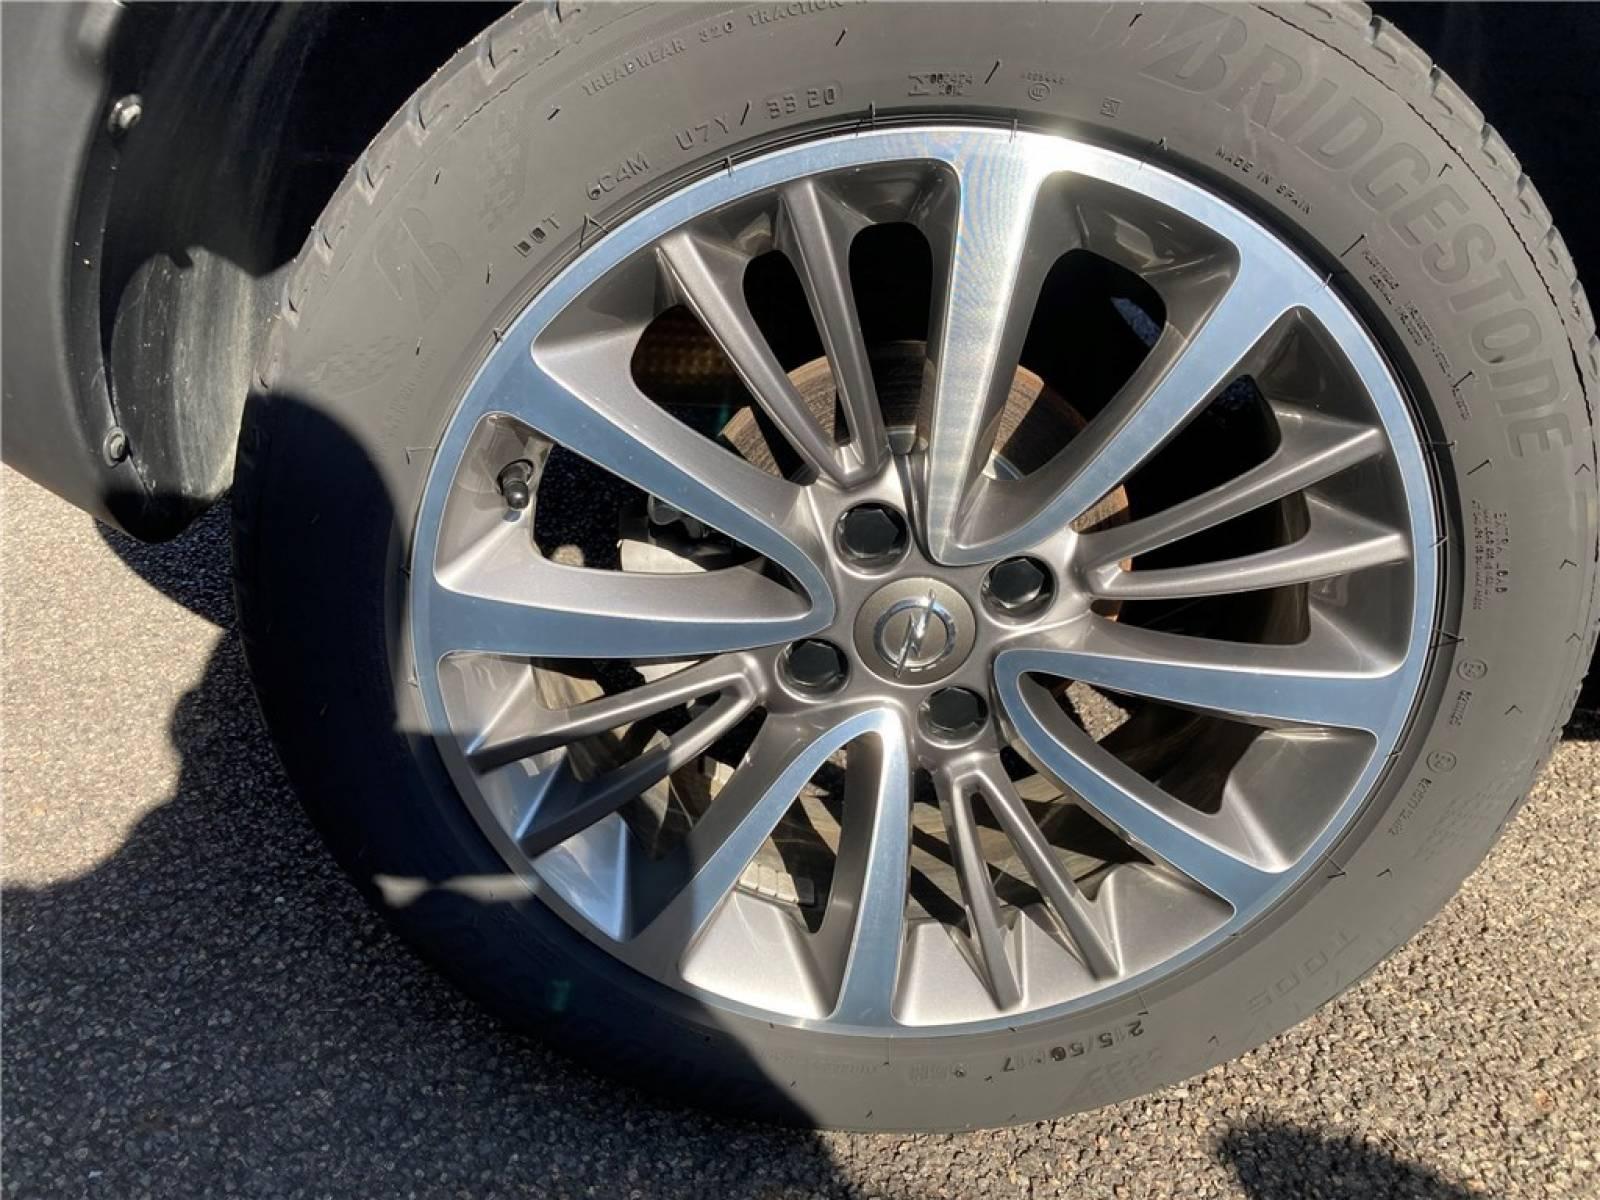 OPEL Crossland X 1.2 Turbo 130 ch BVA6 - véhicule d'occasion - Groupe Guillet - Opel Magicauto - Montceau-les-Mines - 71300 - Montceau-les-Mines - 3